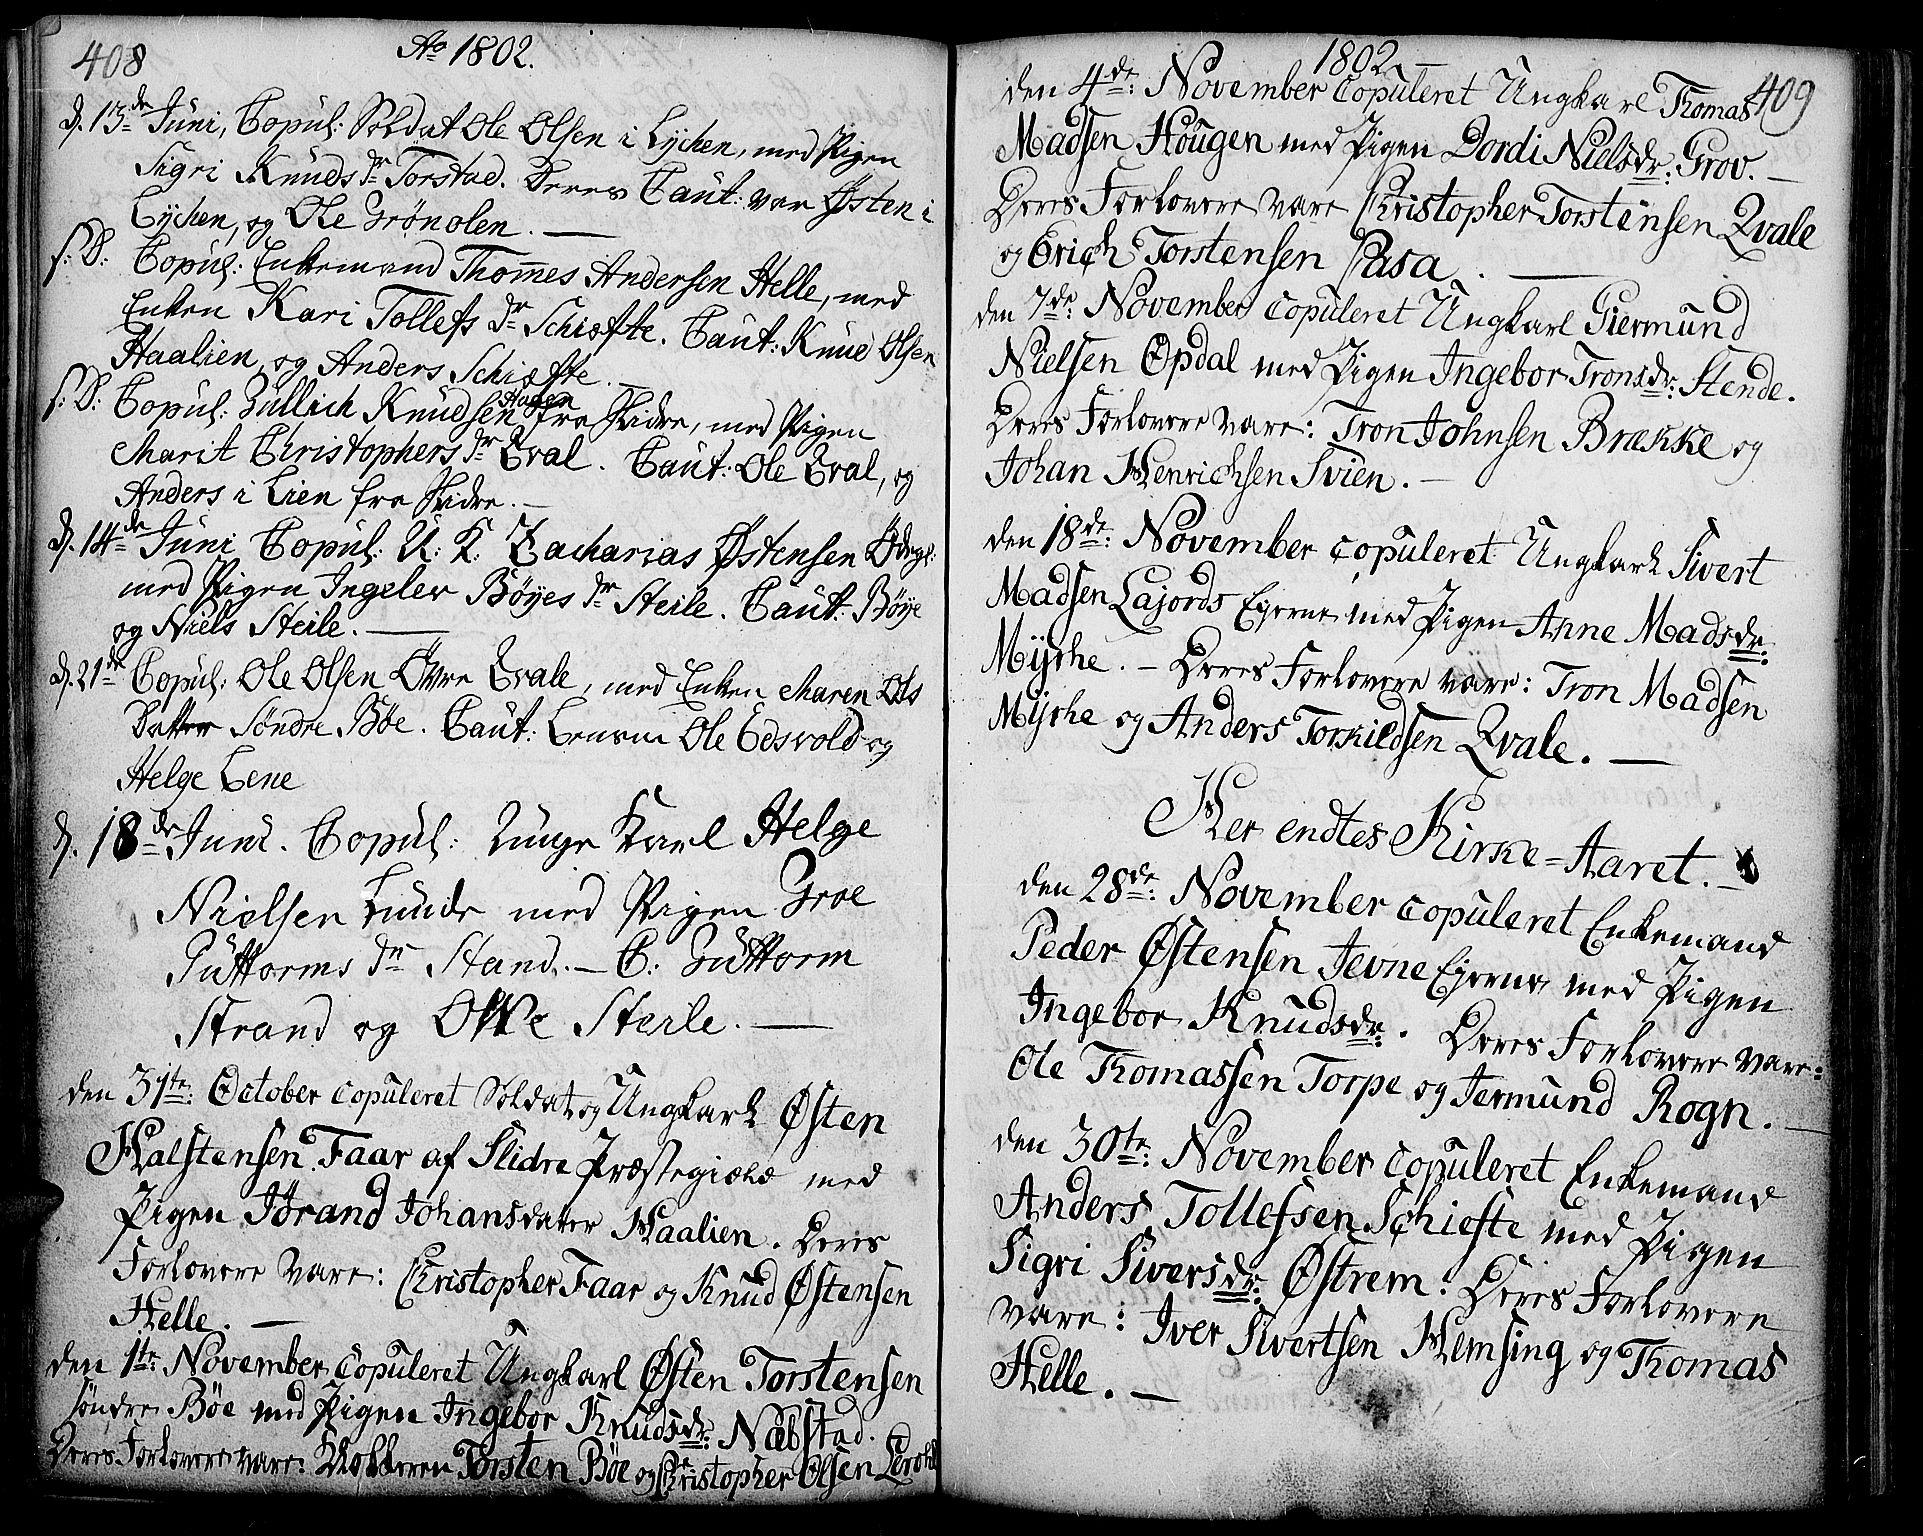 SAH, Vang prestekontor, Valdres, Ministerialbok nr. 2, 1796-1808, s. 408-409